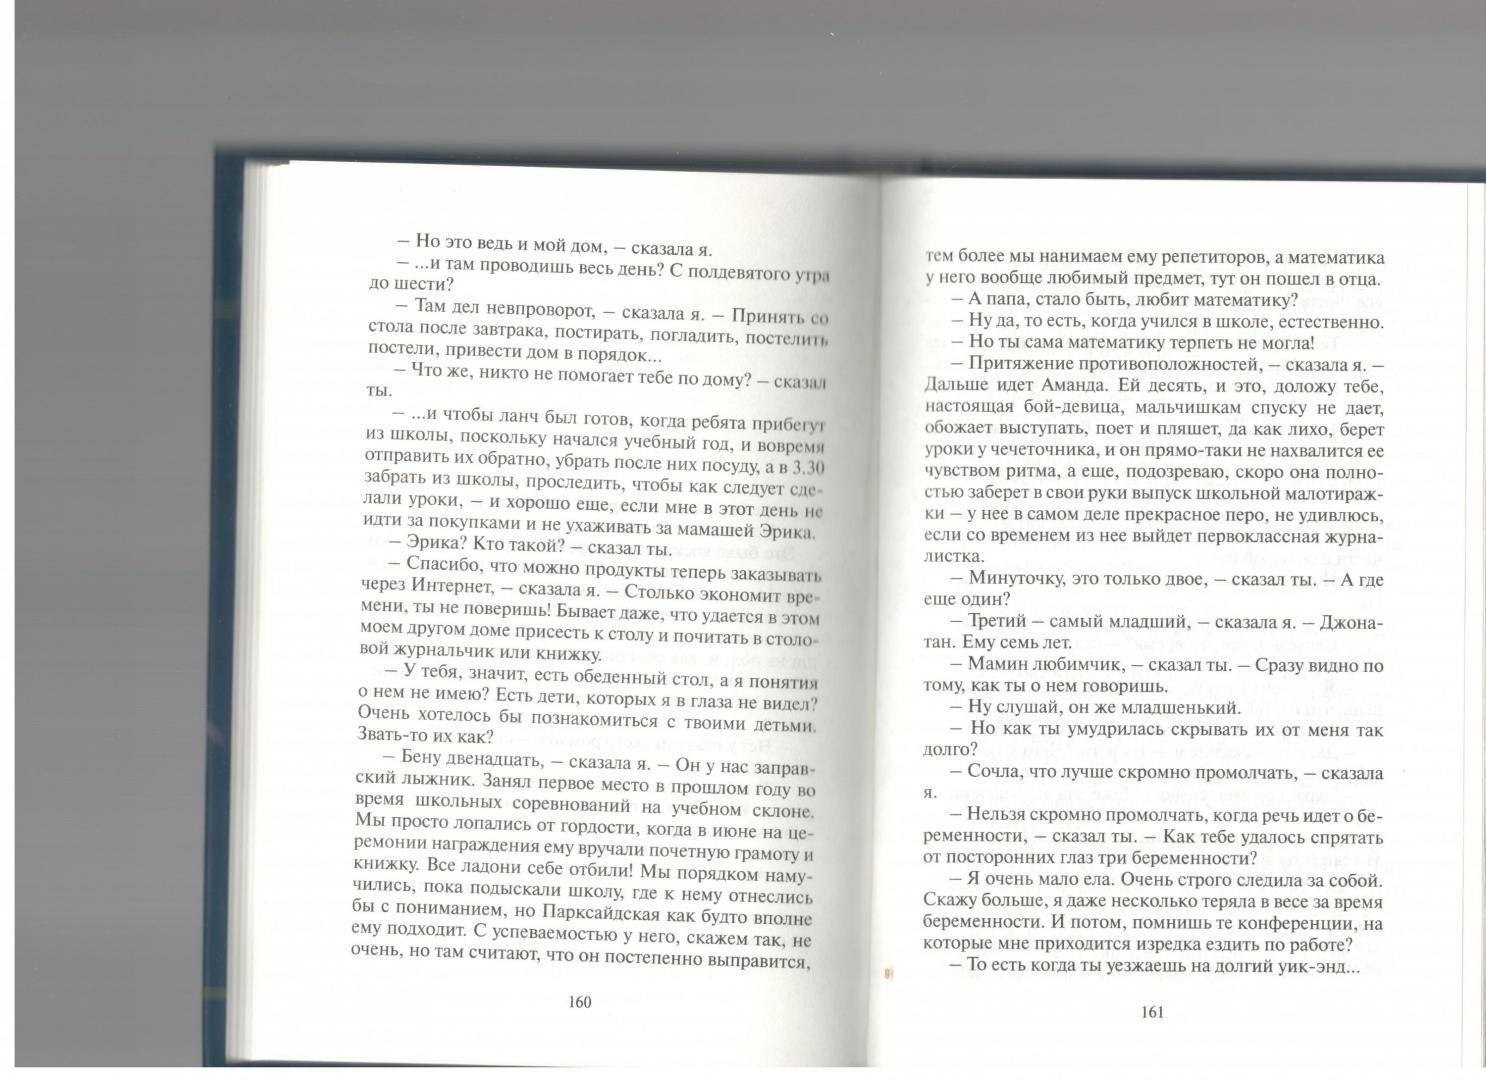 Иллюстрация 8 из 11 для Ирония жизни в разных историях - Али Смит   Лабиринт - книги. Источник: neludimka